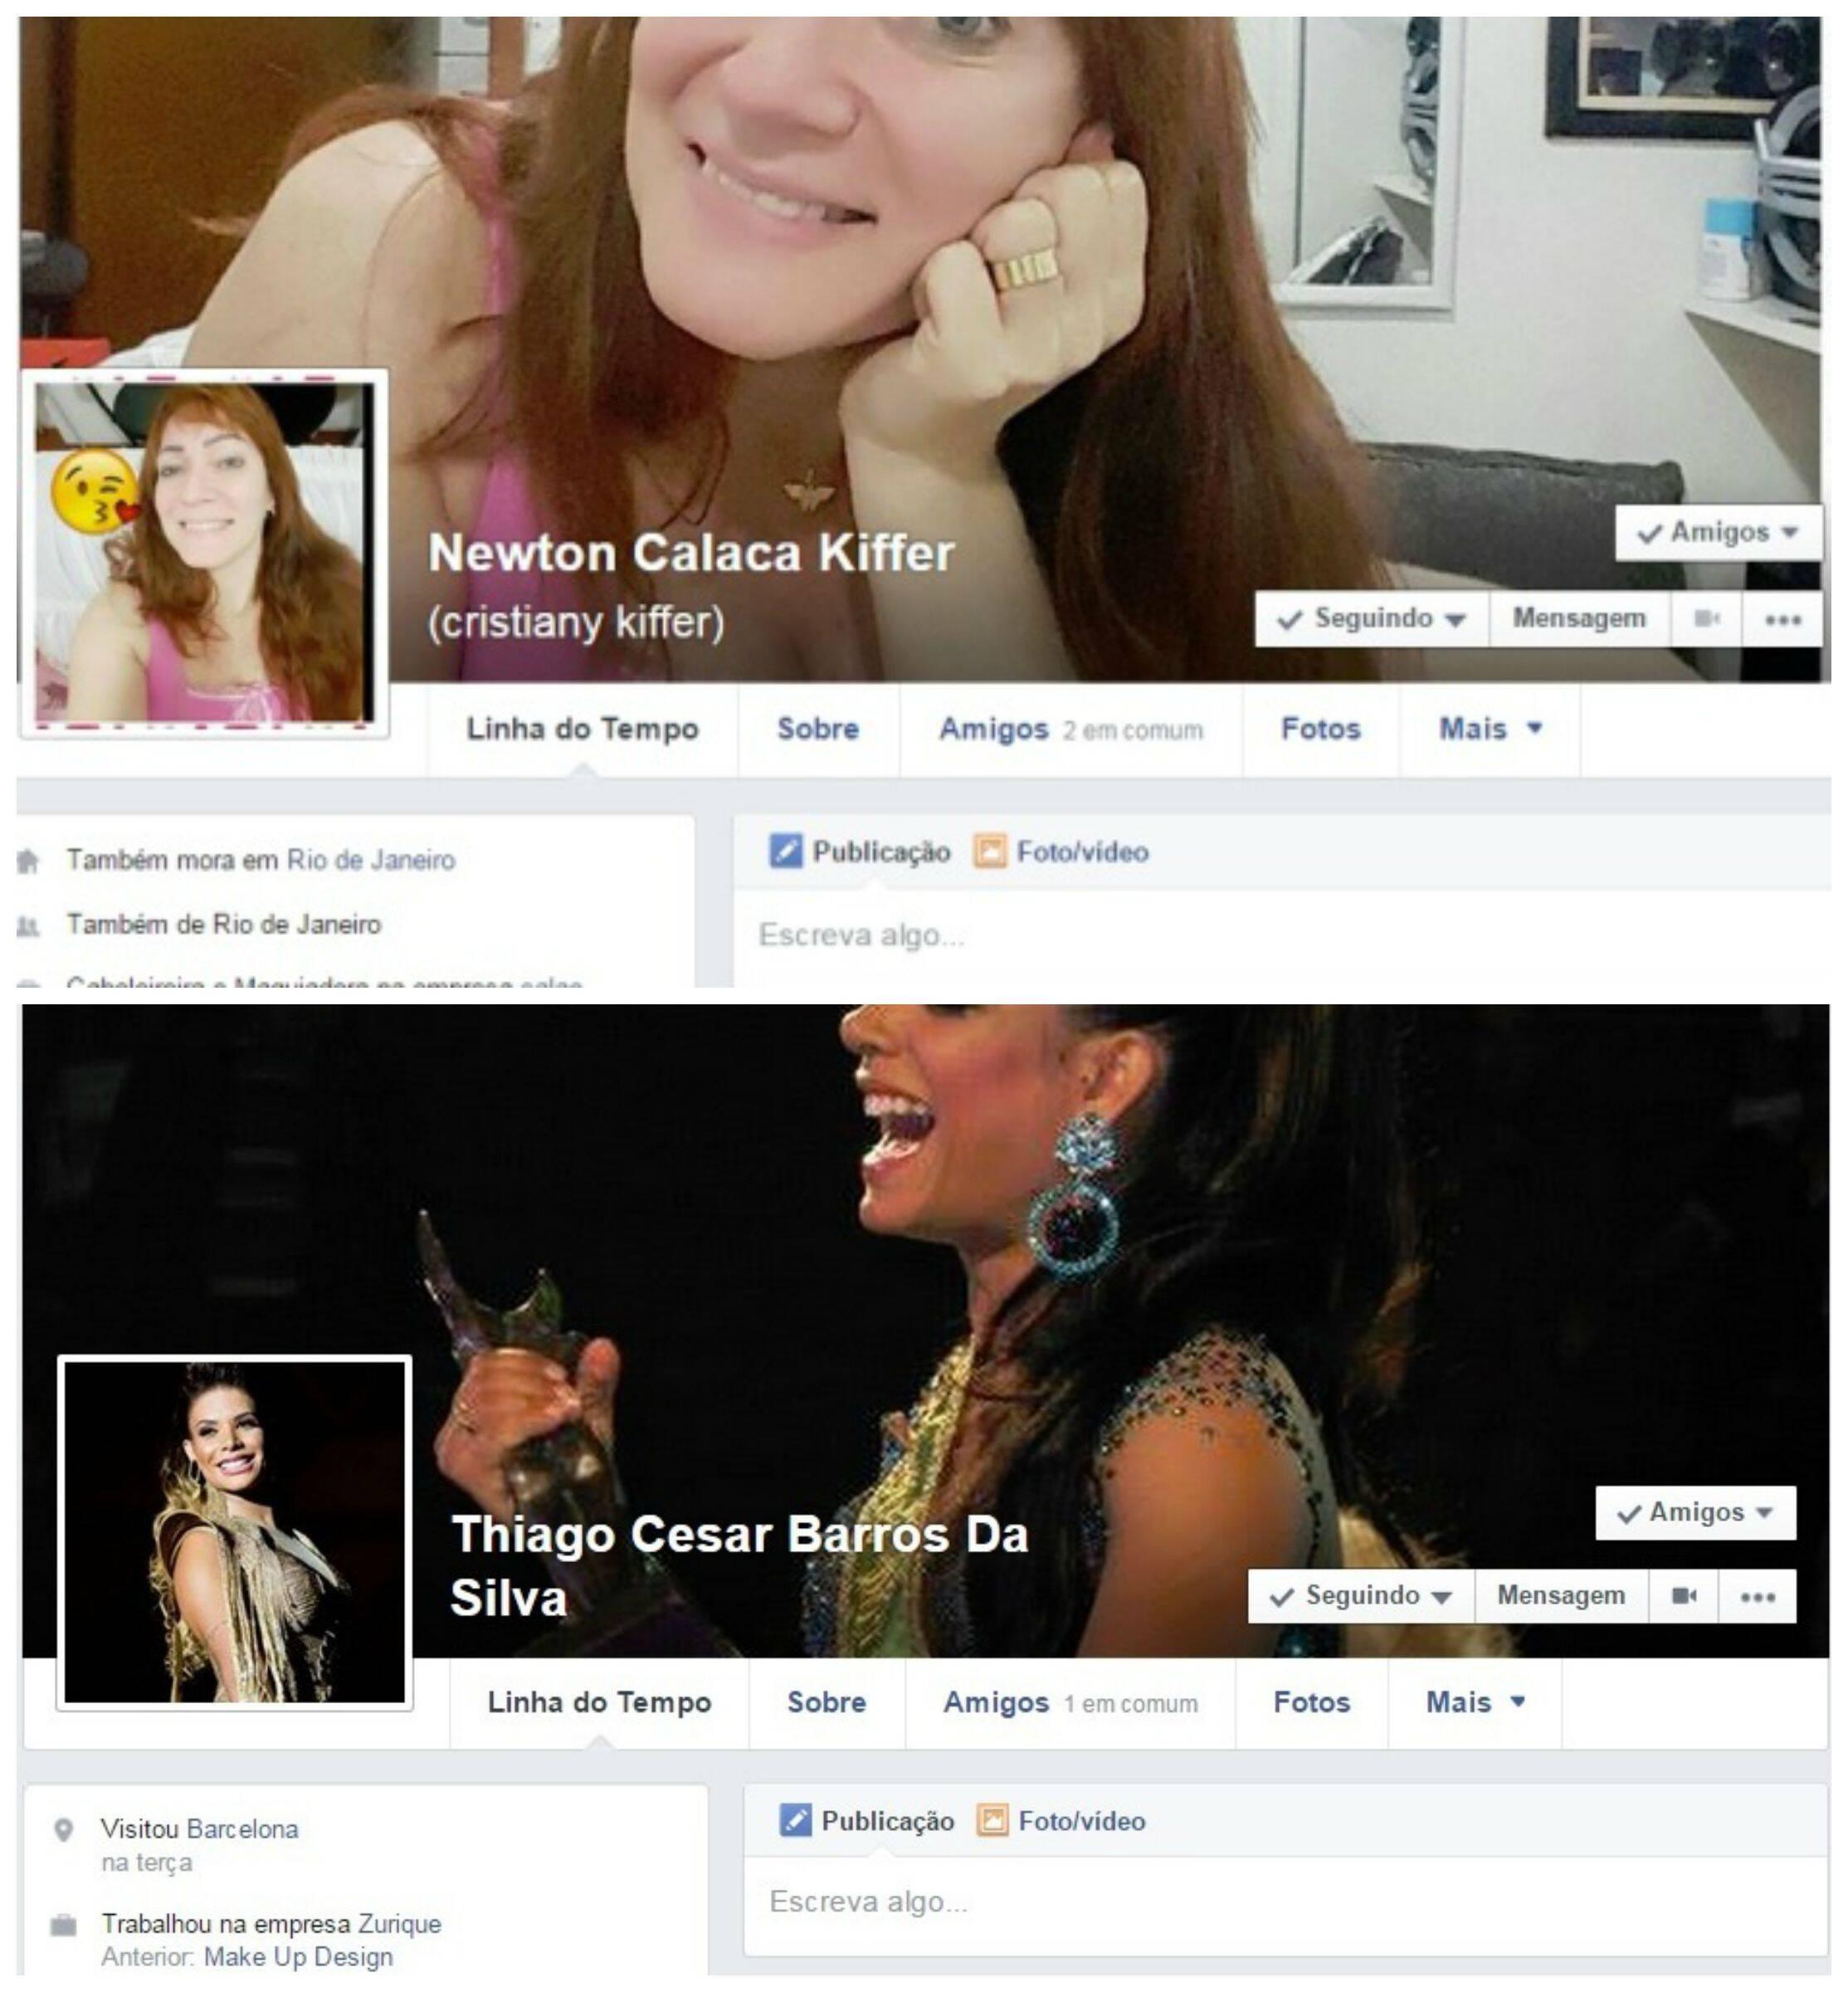 Cristiany e Carol: as duas transexuais tiveram seus nomes sociais alterados para o masculino nos seus perfis no Facebook / Foto: reprodução do Facebook